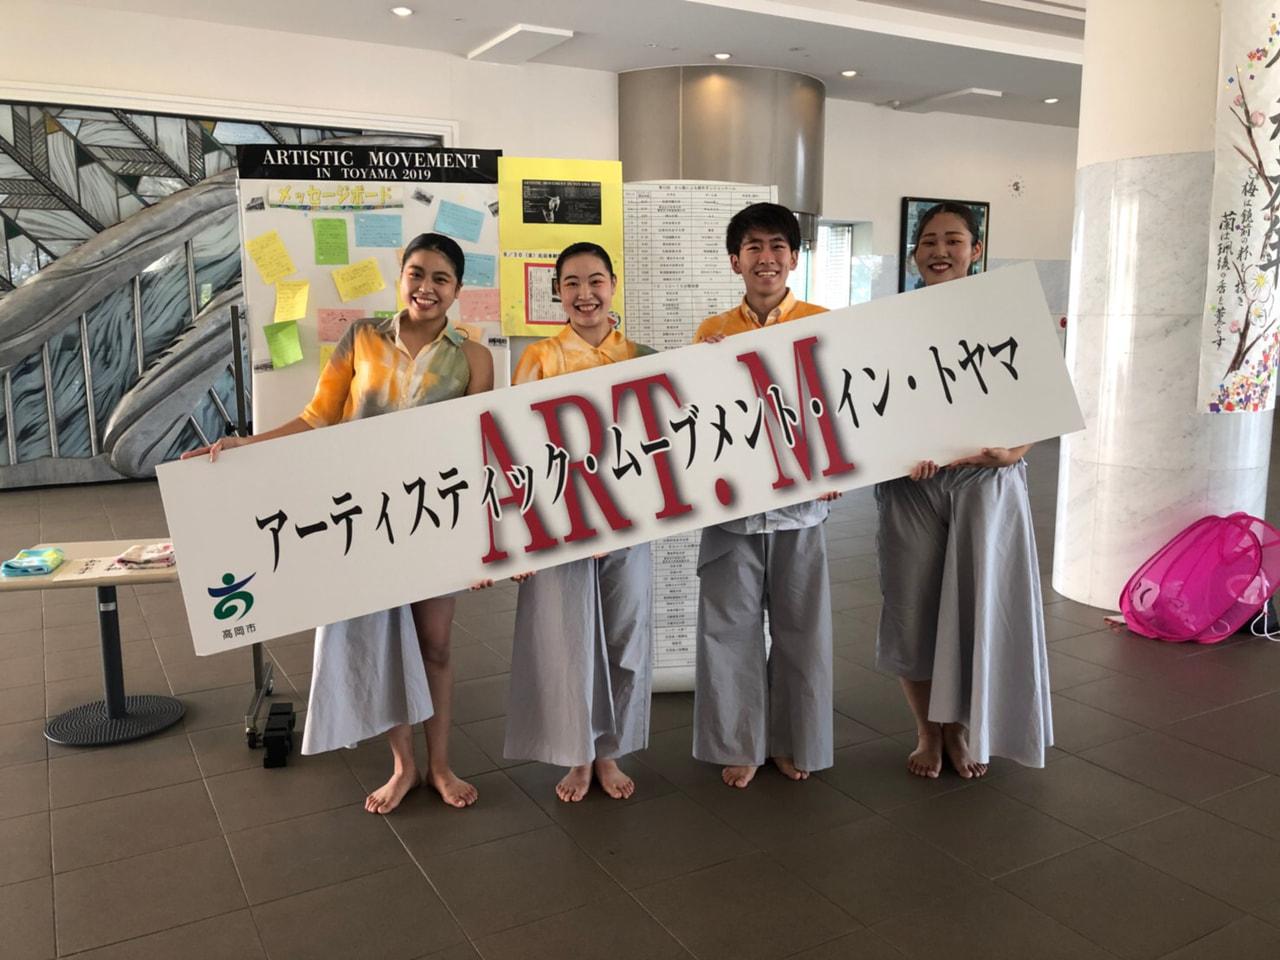 アーティスティック・ムーブメント・イン・トヤマ